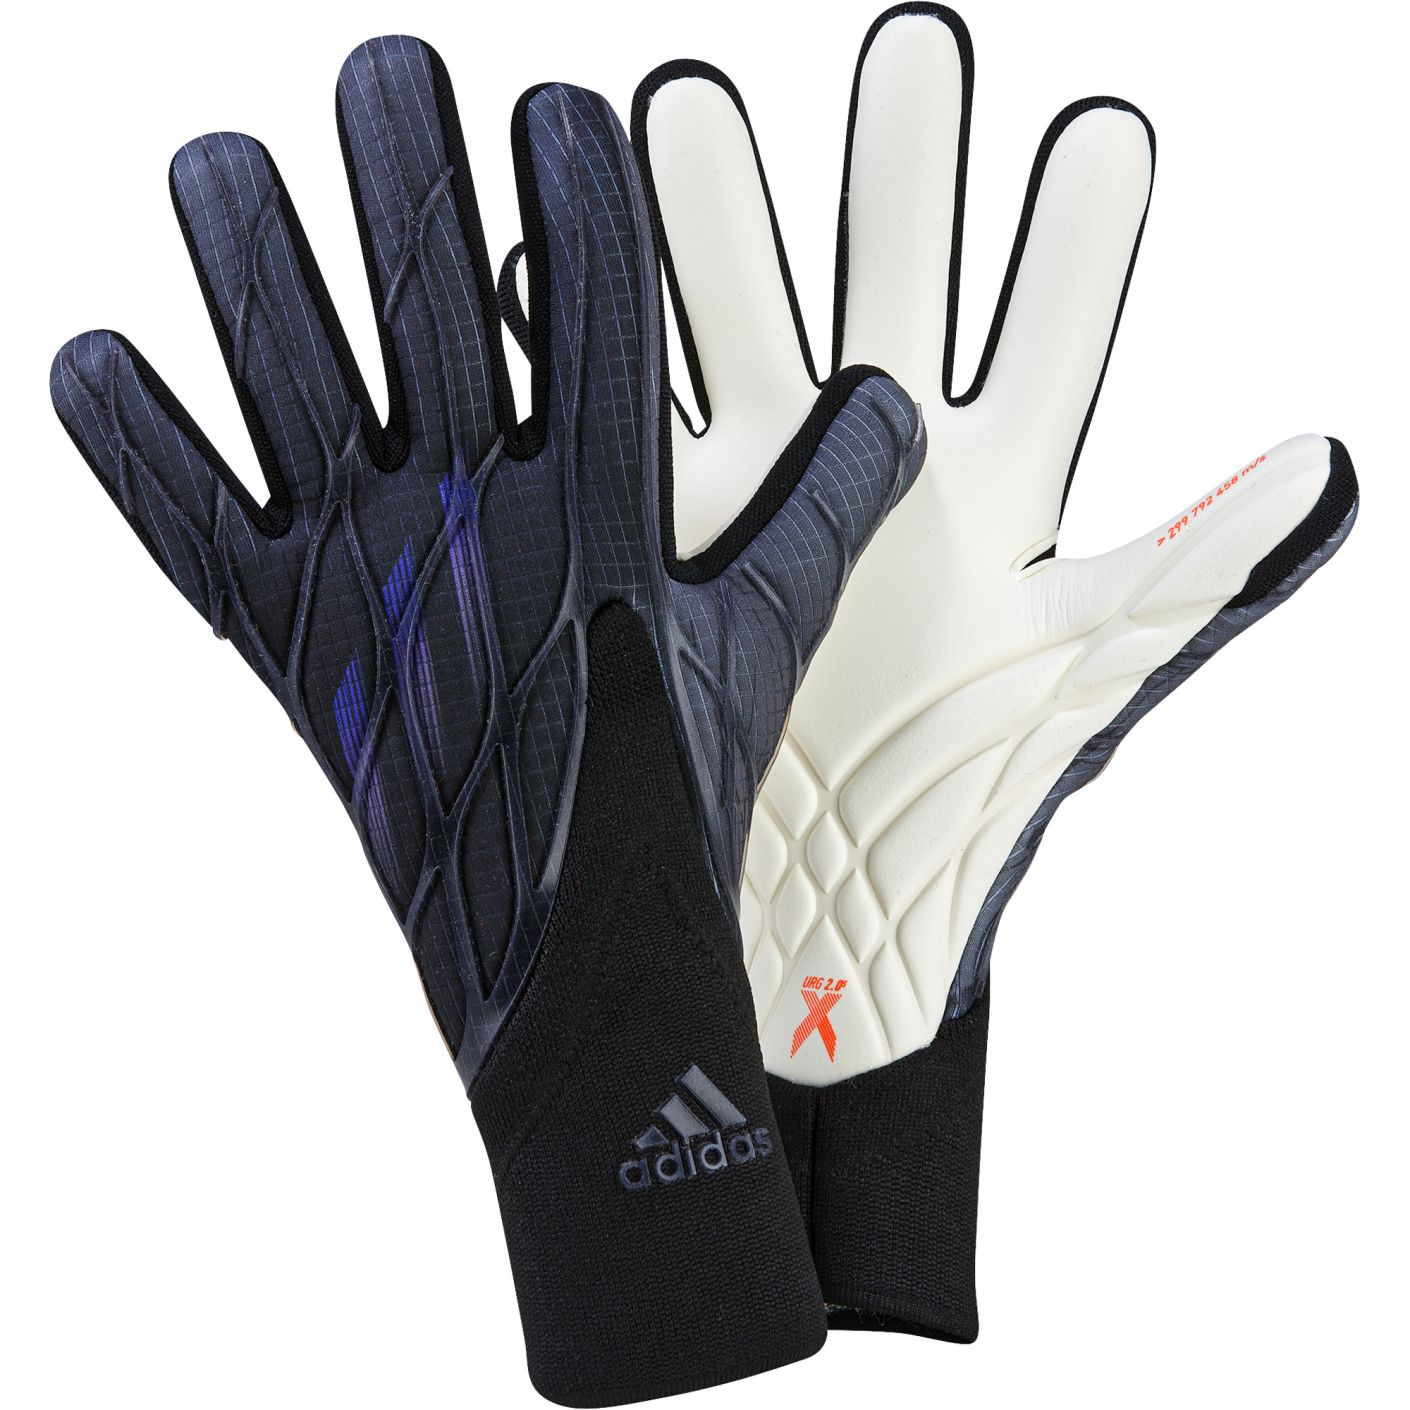 adidas X Keepershandschoenen Pro Zwart Grijs Donkerblauw